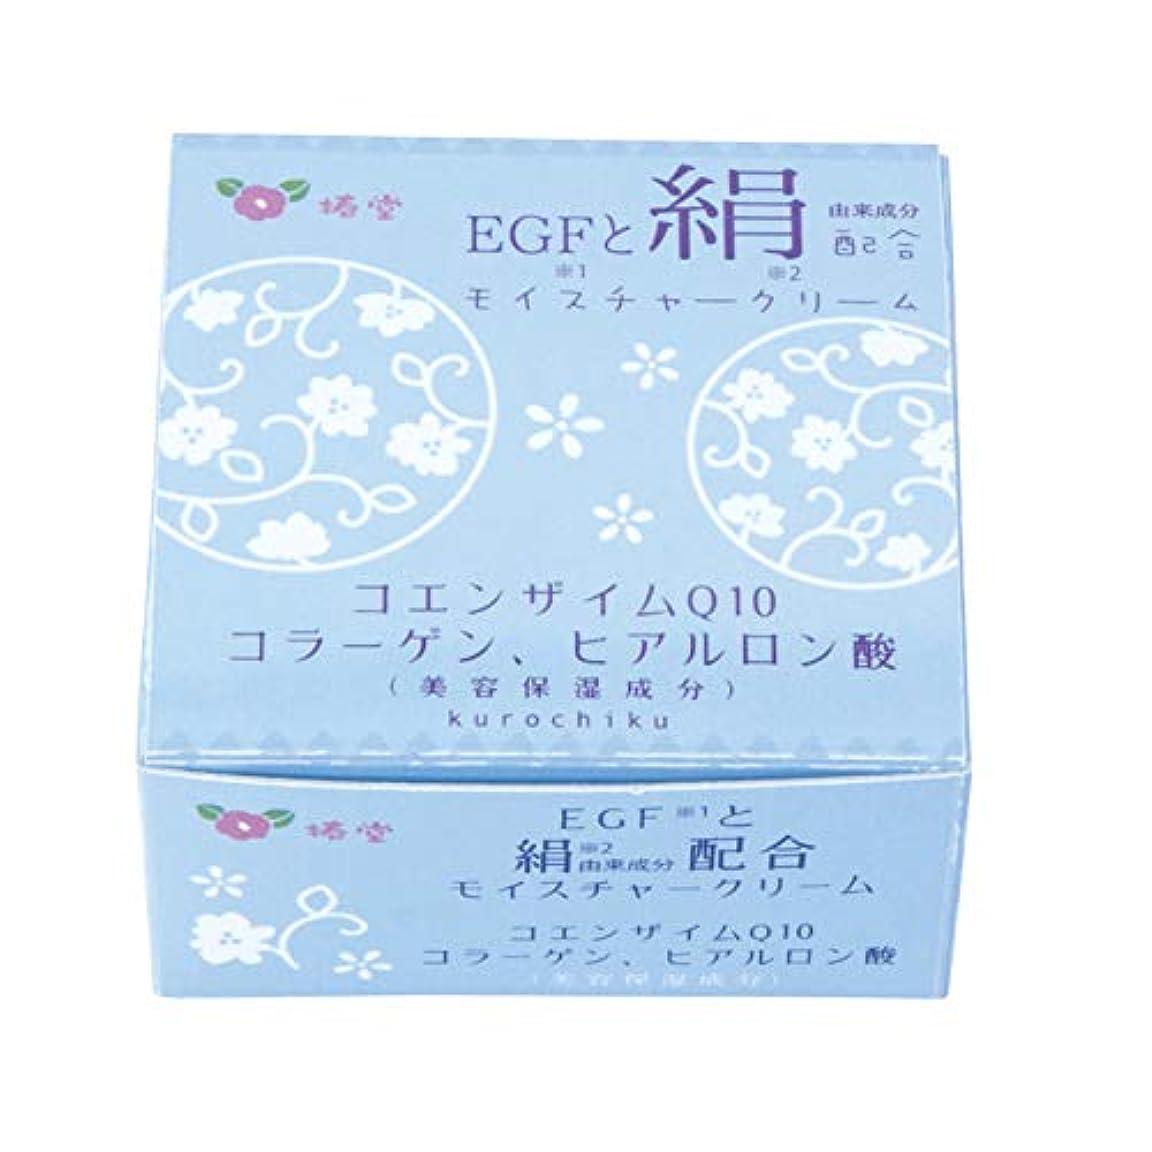 立法モンゴメリーコンパス椿堂 絹モイスチャークリーム (FGFと絹) 京都くろちく